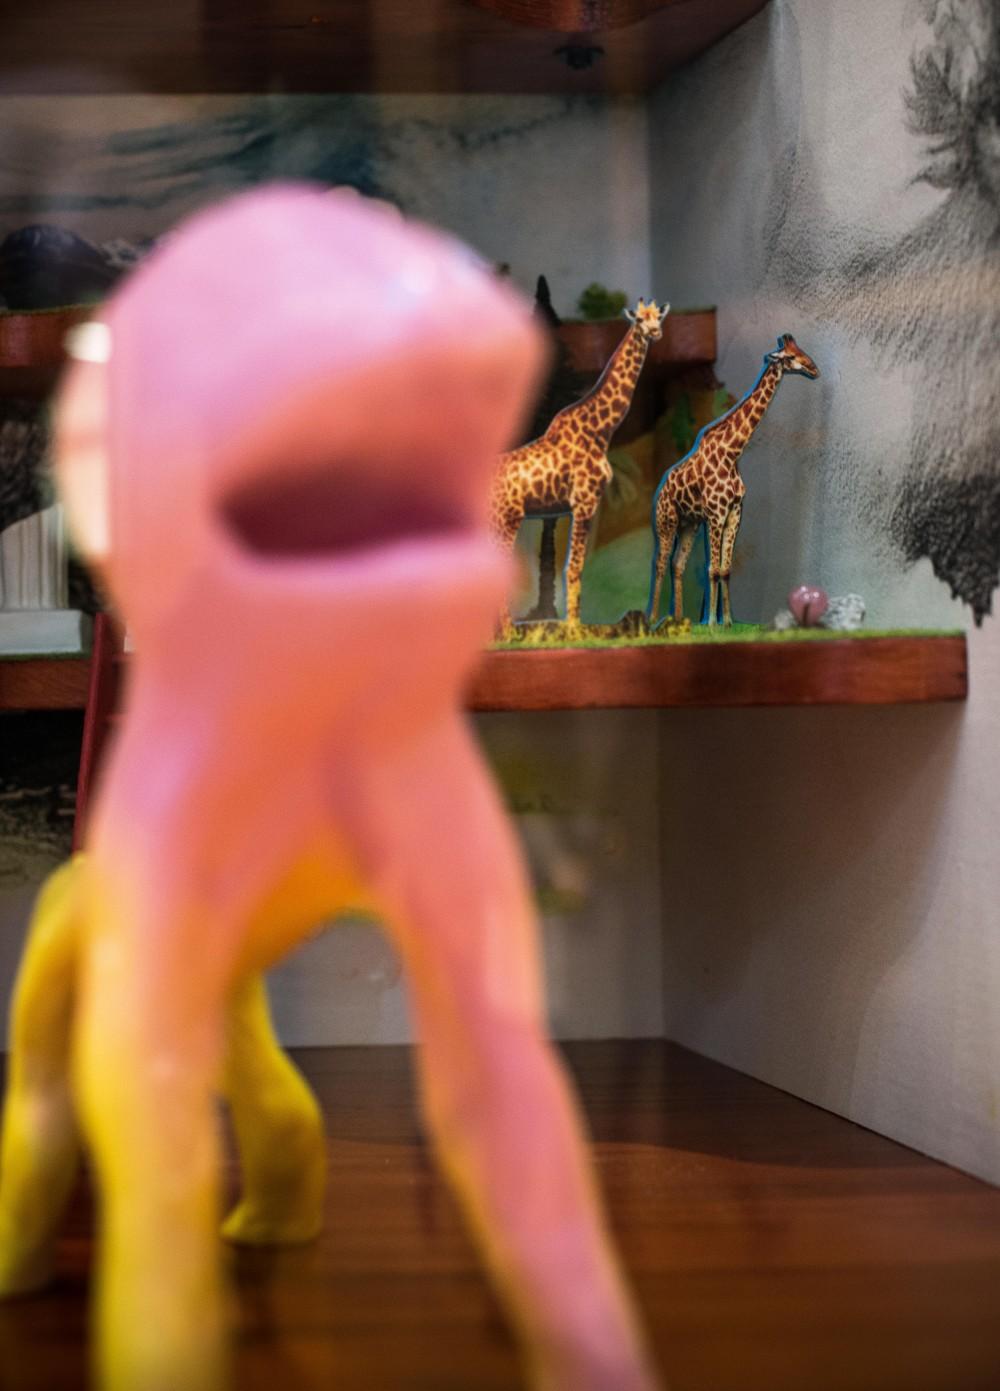 Sculpture of a pink octopus.